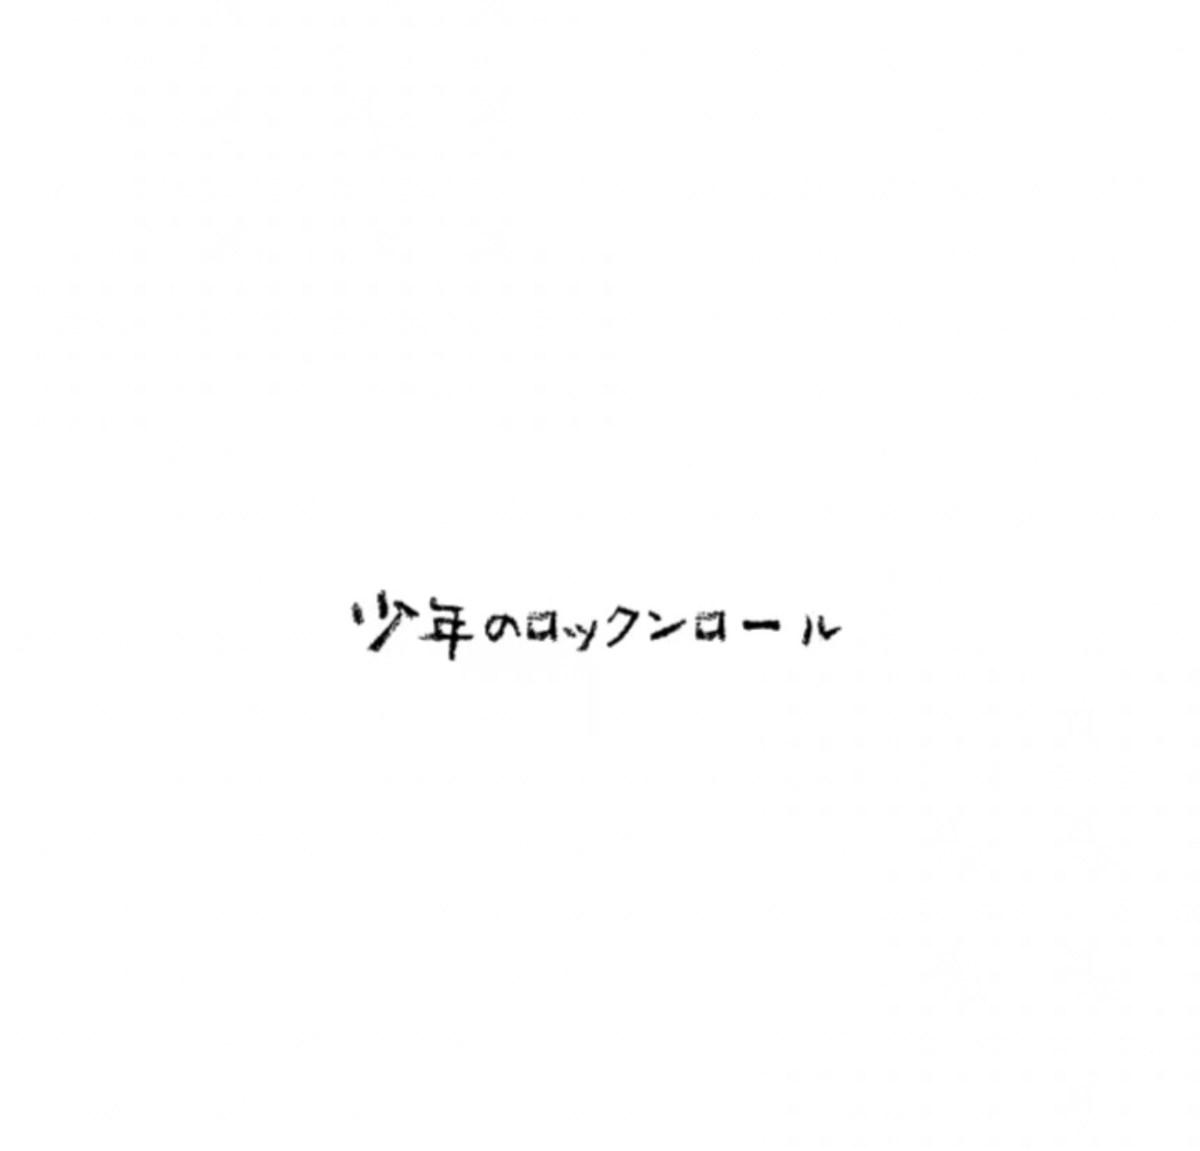 siveL's 「少年のロックンロール」解禁